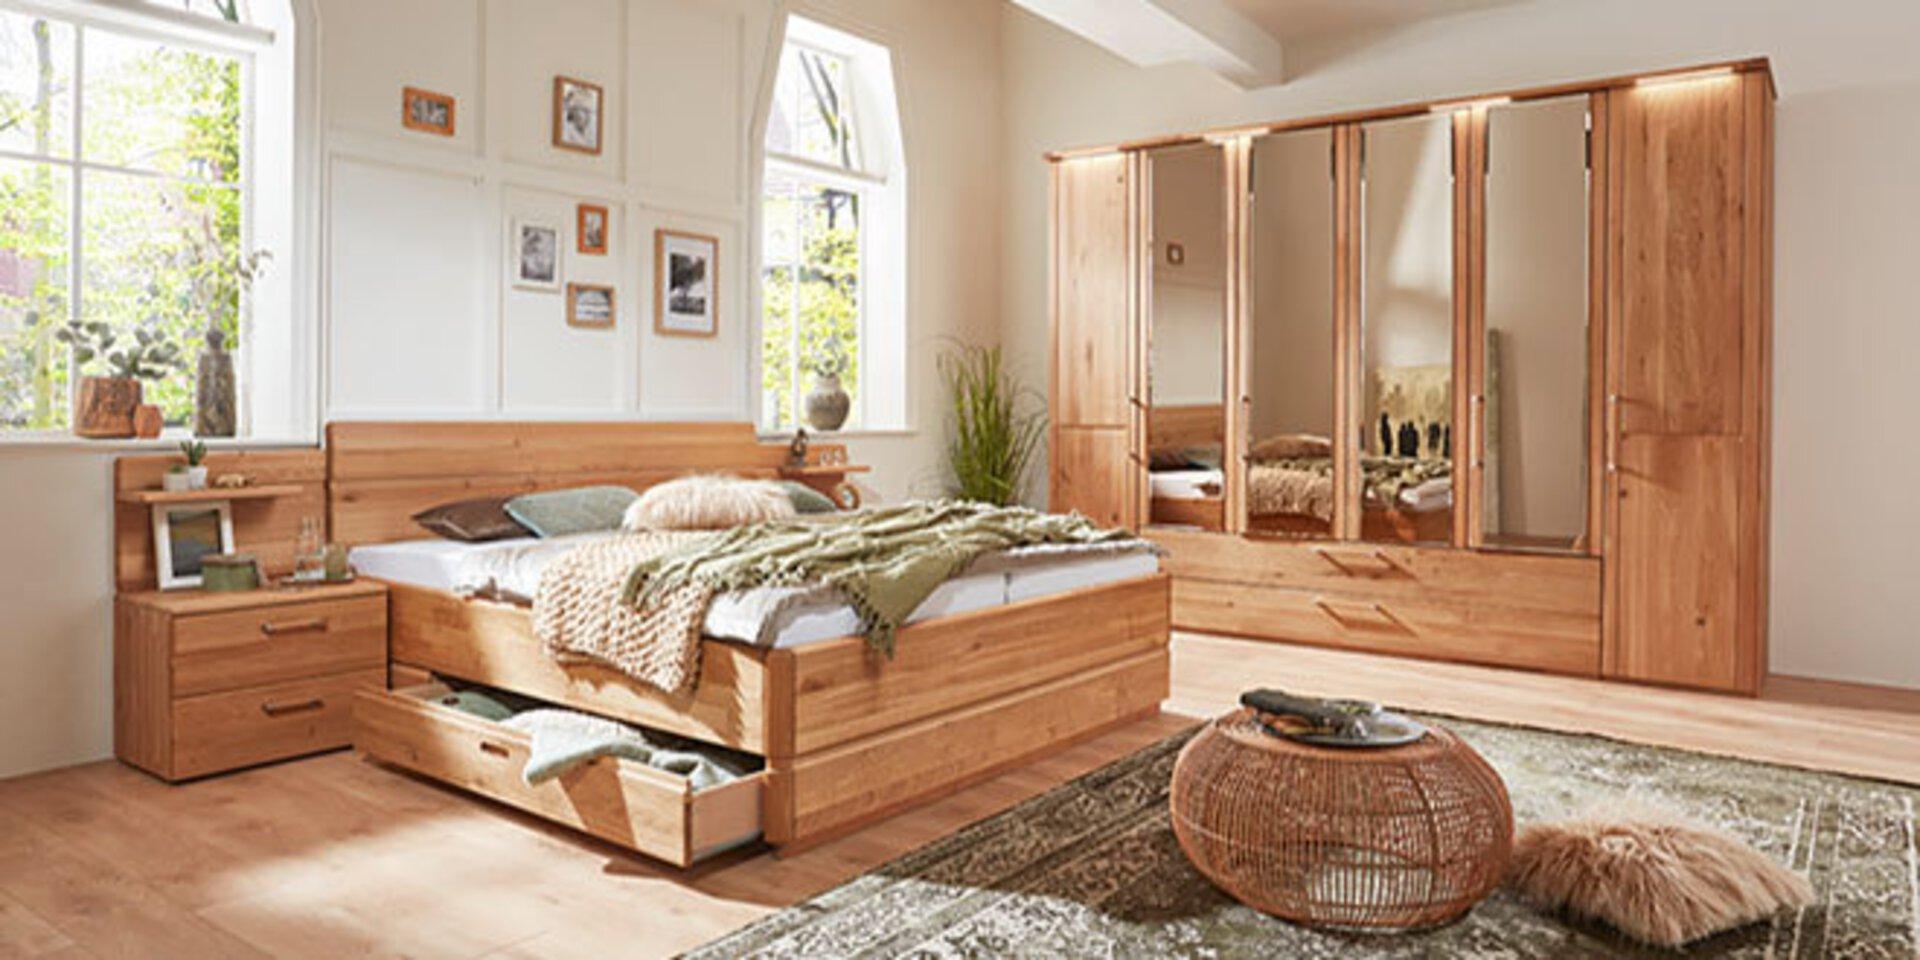 Titelbild der Partner-Marke Valmondo zeigt ein Ehebett aus Holz und einen großen Kleiderschrank mit Spiegeltüren.